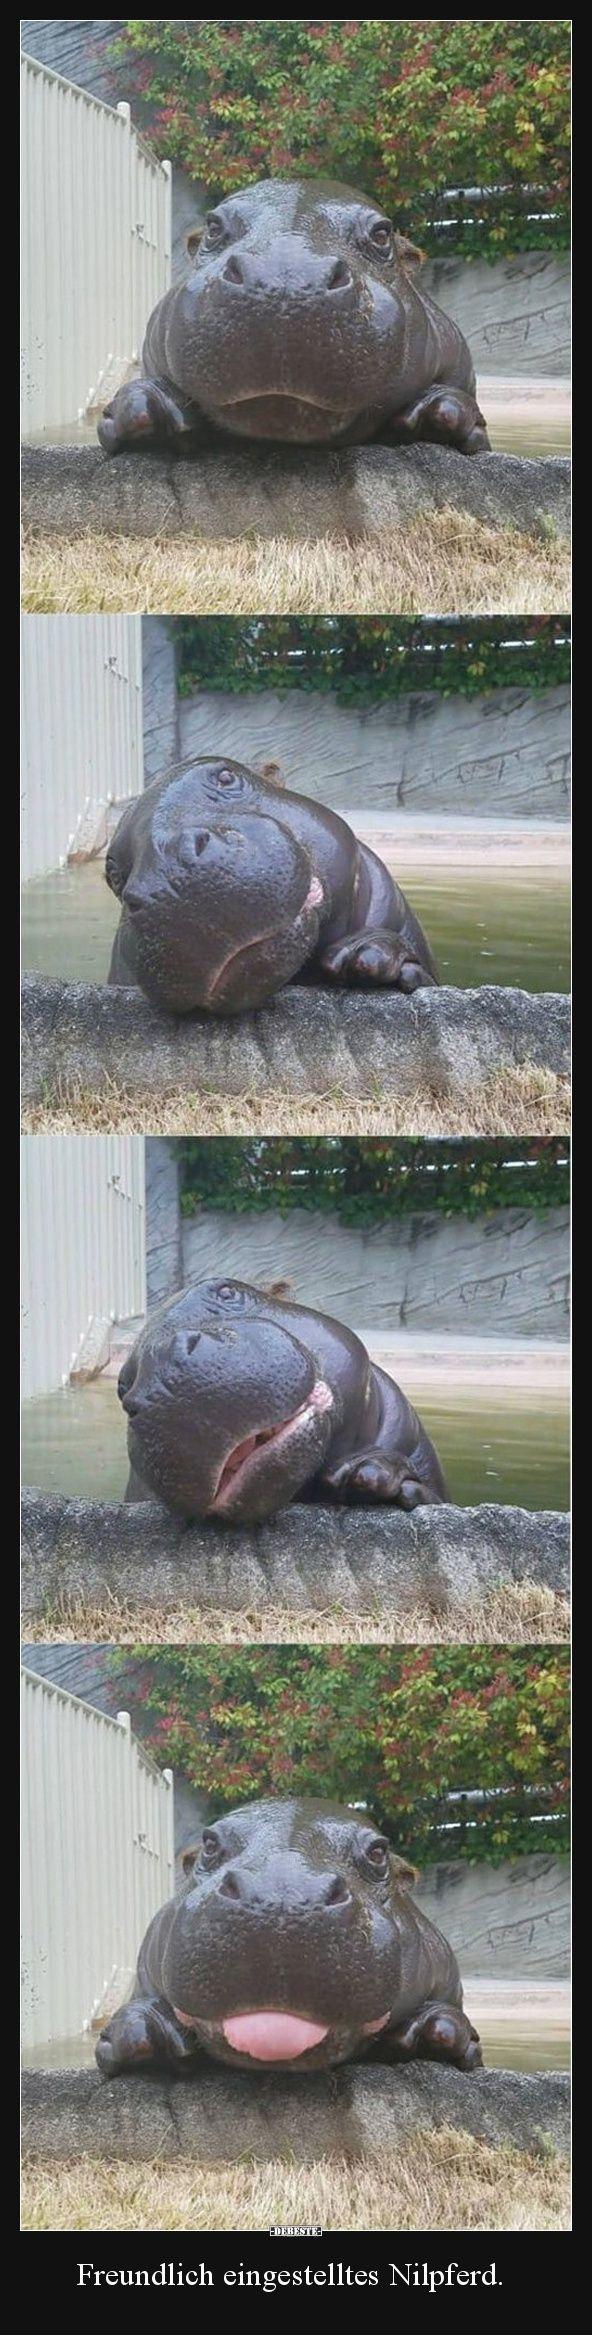 Freundlich eingestelltes Nilpferd. | Lustige Bilder, Sprüche, Witze, echt lustig #babyhippo